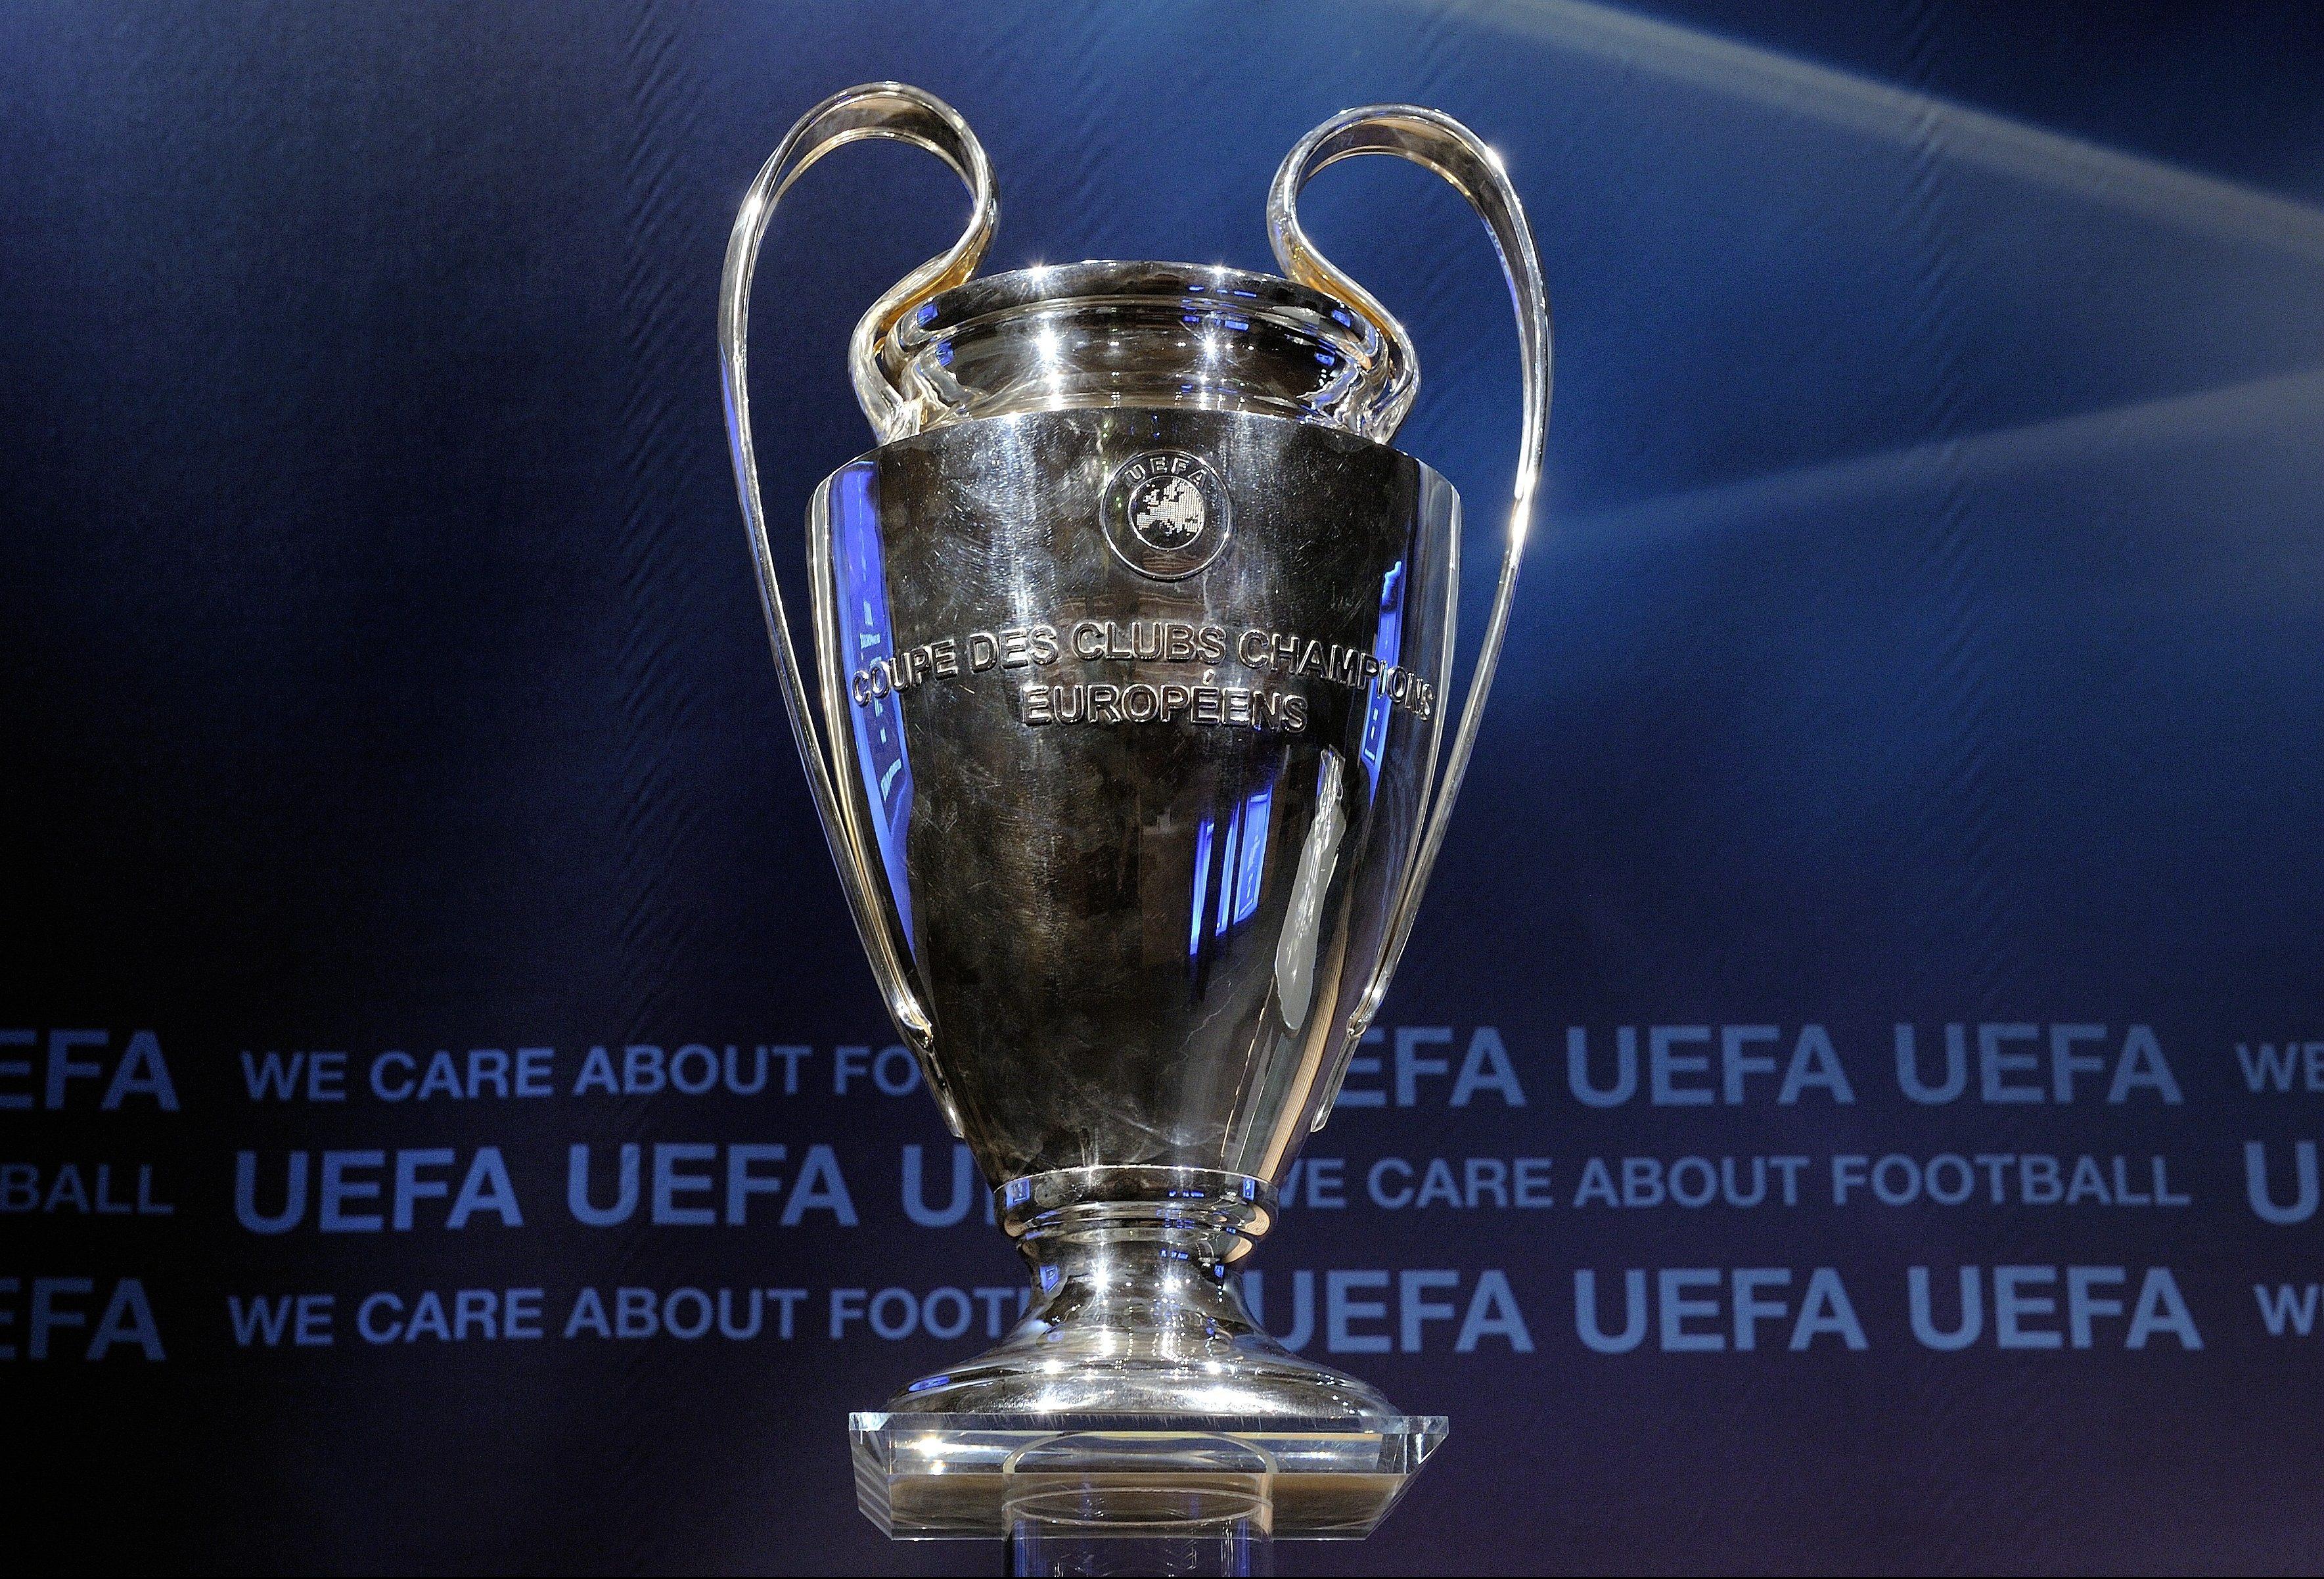 ПИТАМЕ: Кой ще спечели Шампионската лига?